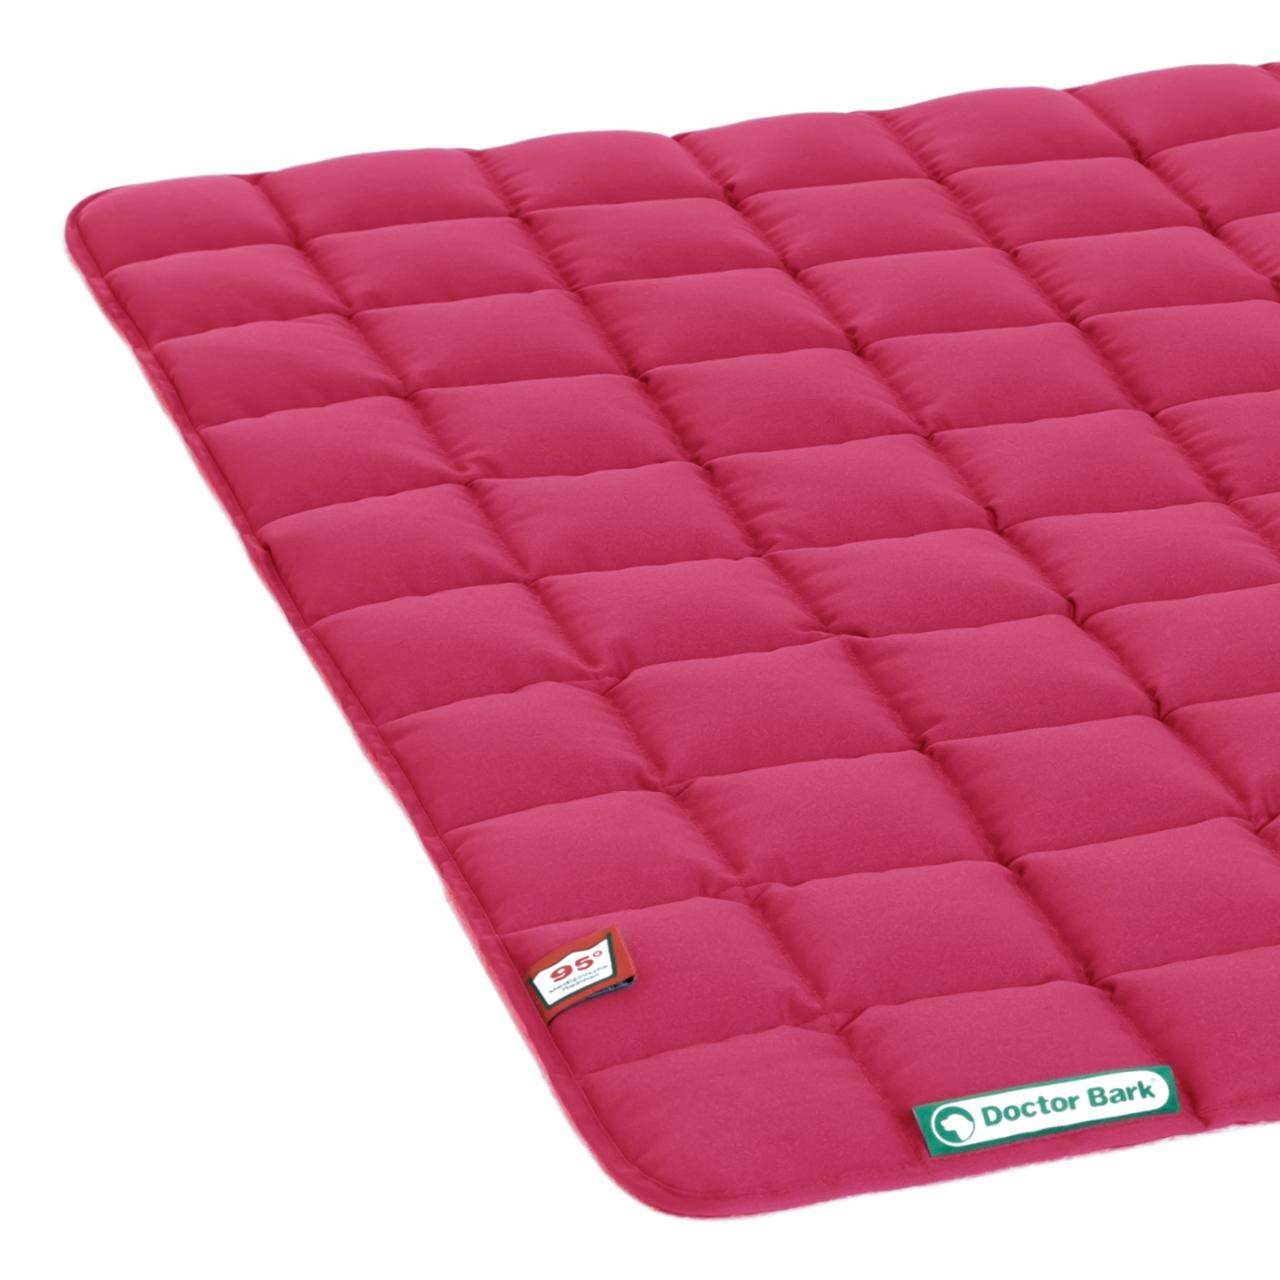 Steppdecke hot pink XL